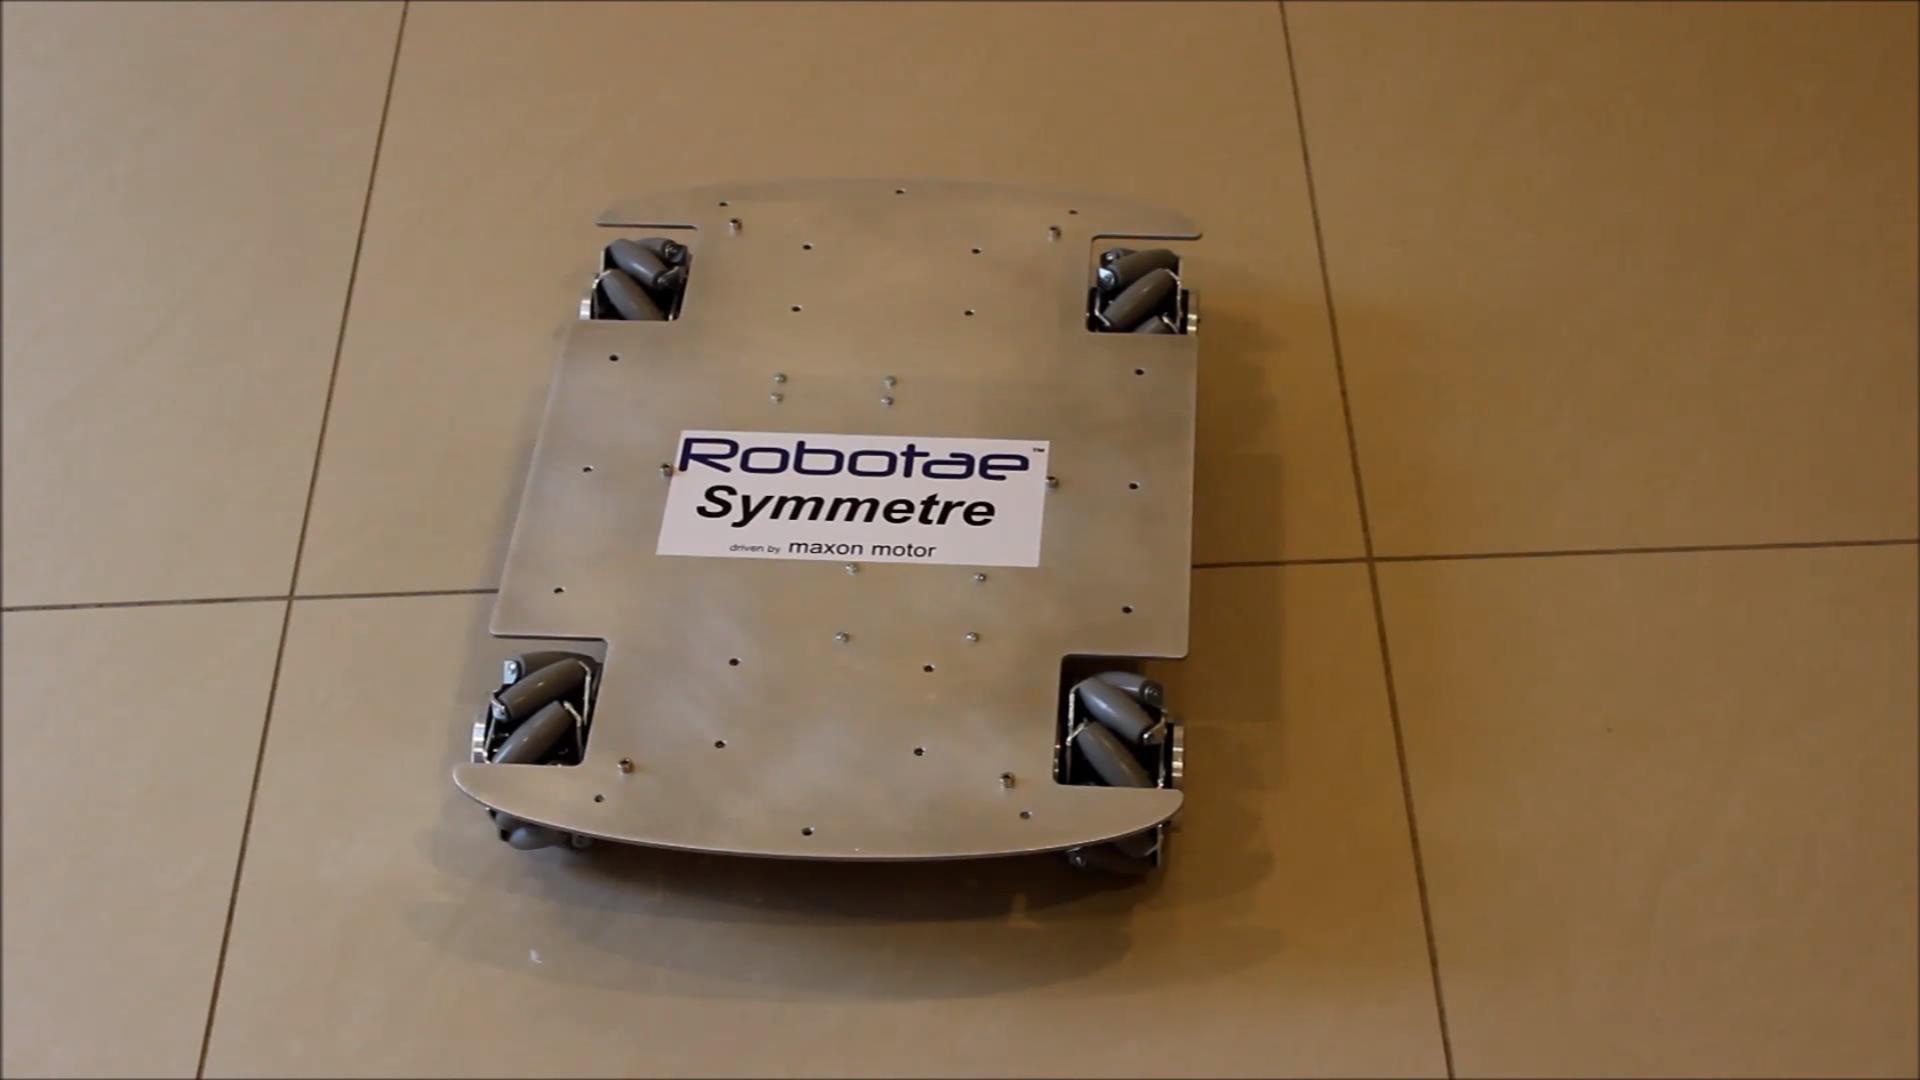 Symmetre 3